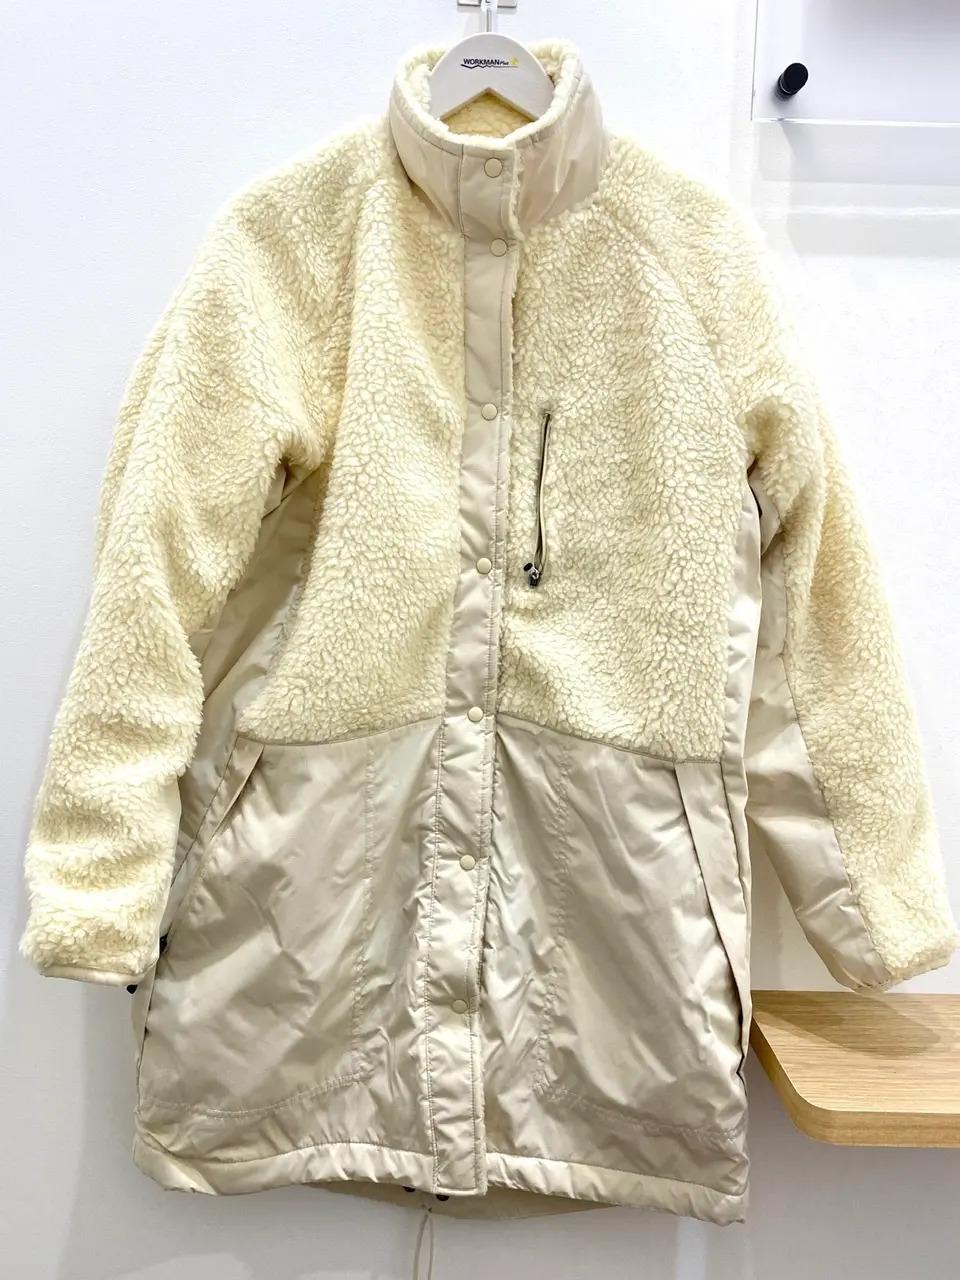 とにかく着回せる! チェック柄ジャケットで秋コーデ♪ MORE12月号の表紙は嵐が登場【今週のファッション人気ランキング】_1